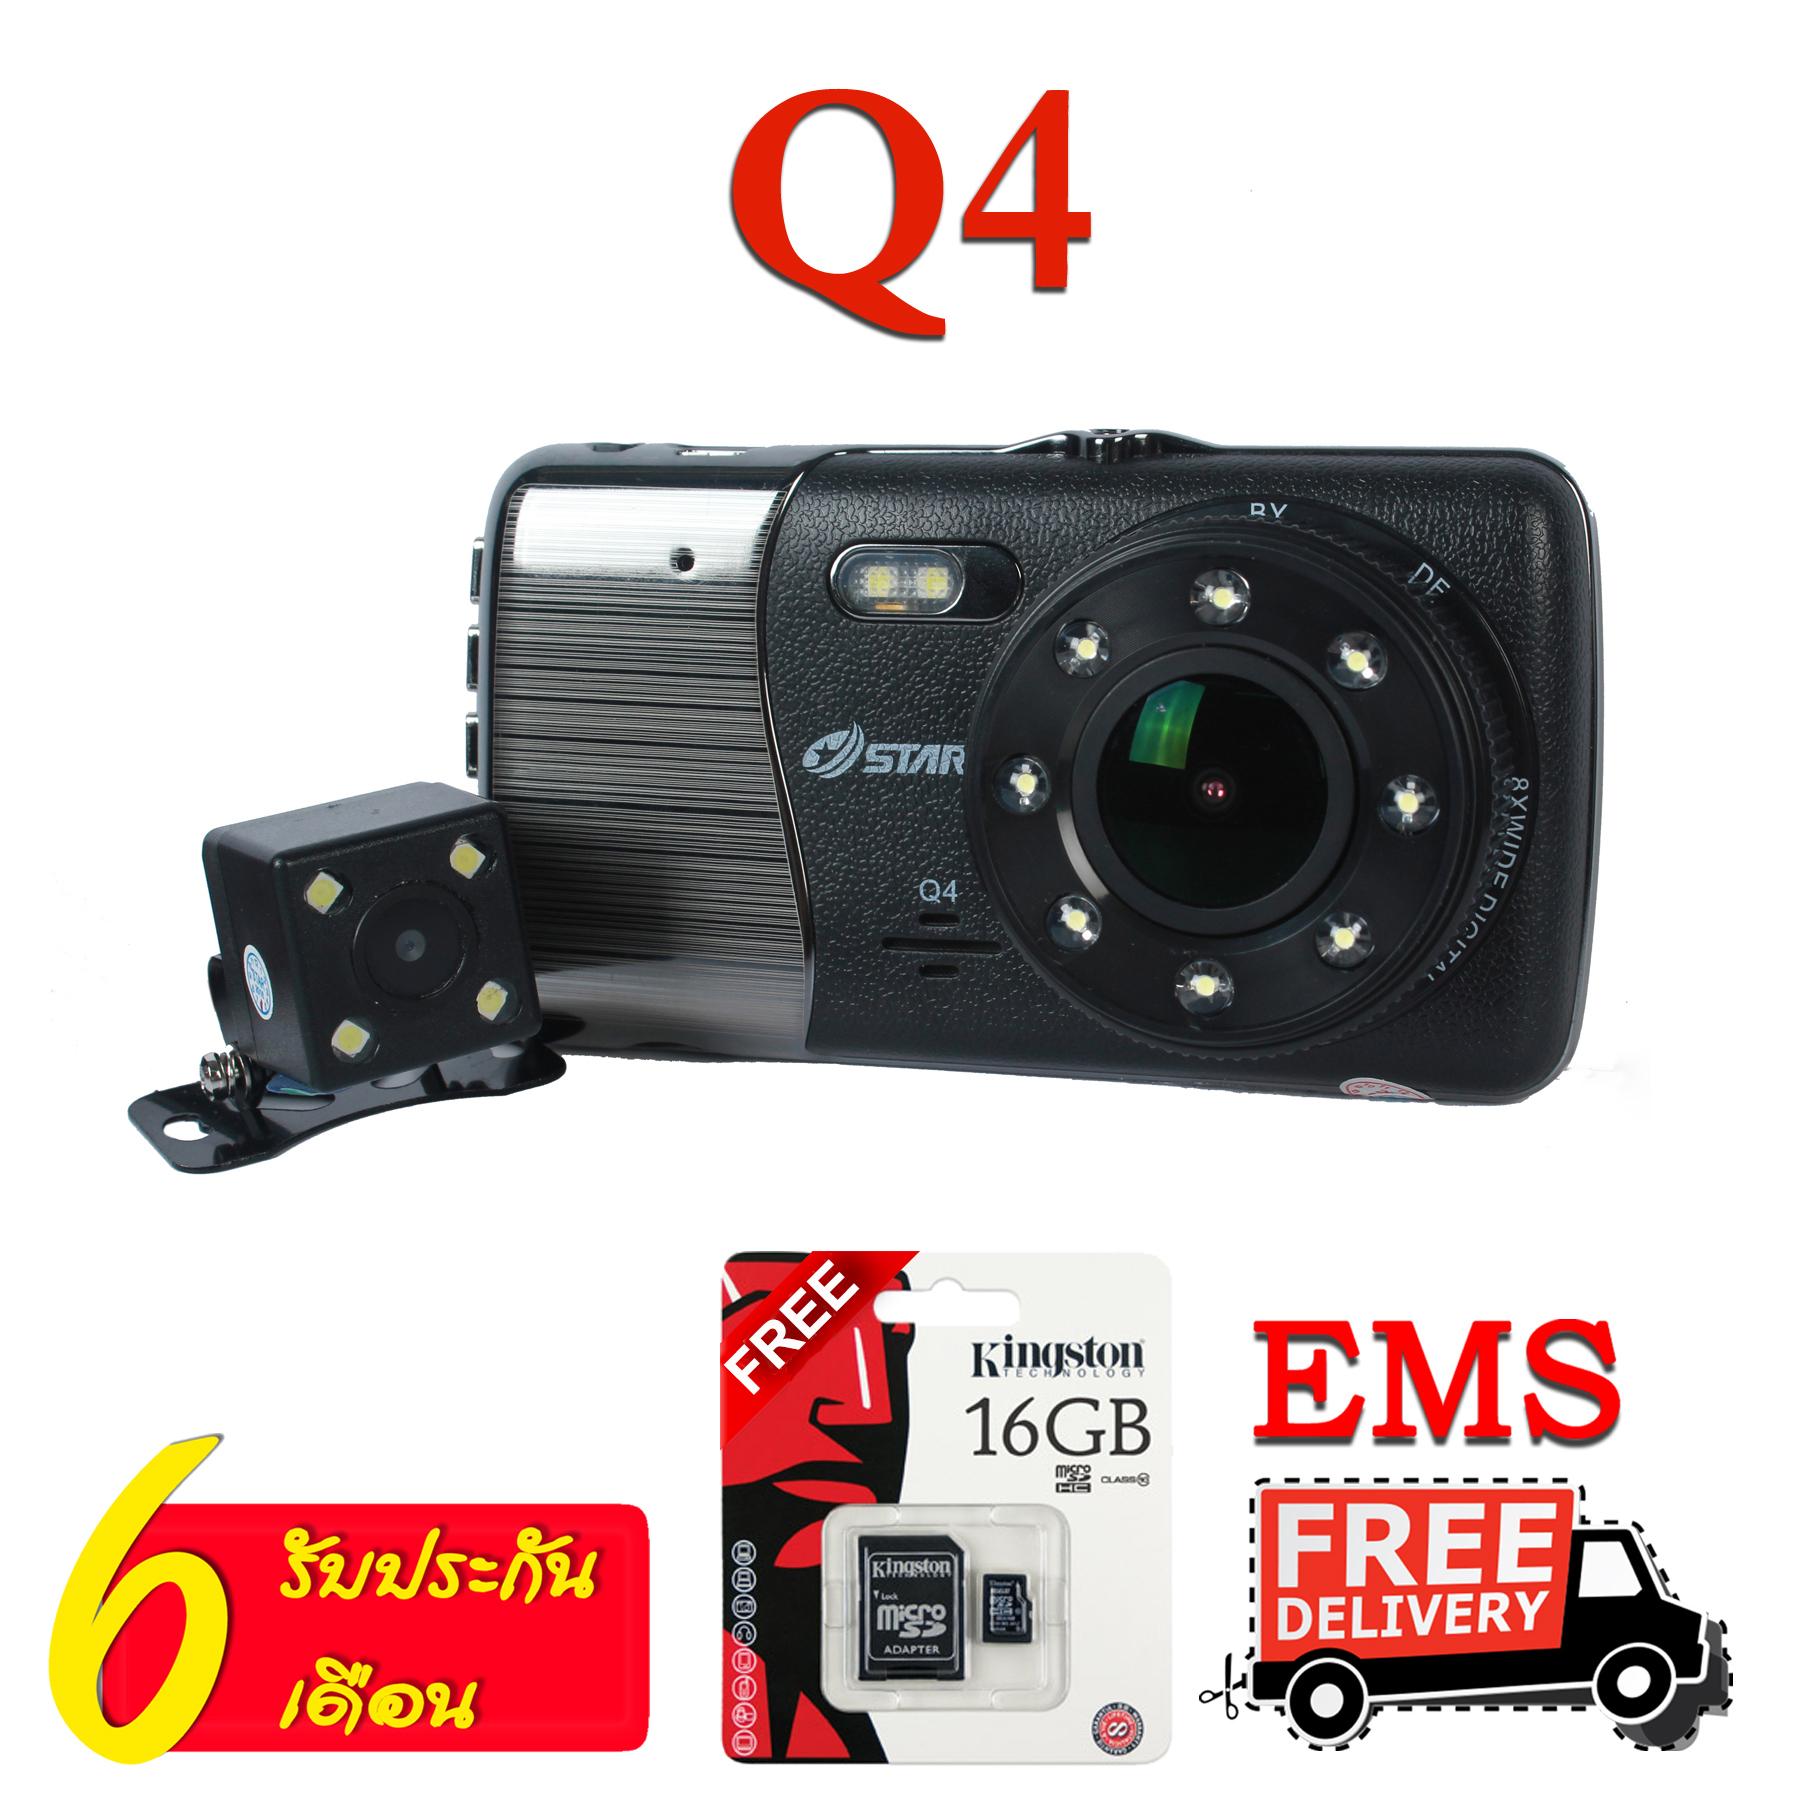 กล้องติดรถยนต์ Star Q4 กล้องติดรถยนต์อัจฉริยะ บันทึกภาพหน้าหลัง มีเตือนการชน เตือนออกนอกเลน ความคมชัดระดับ SuperHD เหนือกว่า Anytek B50